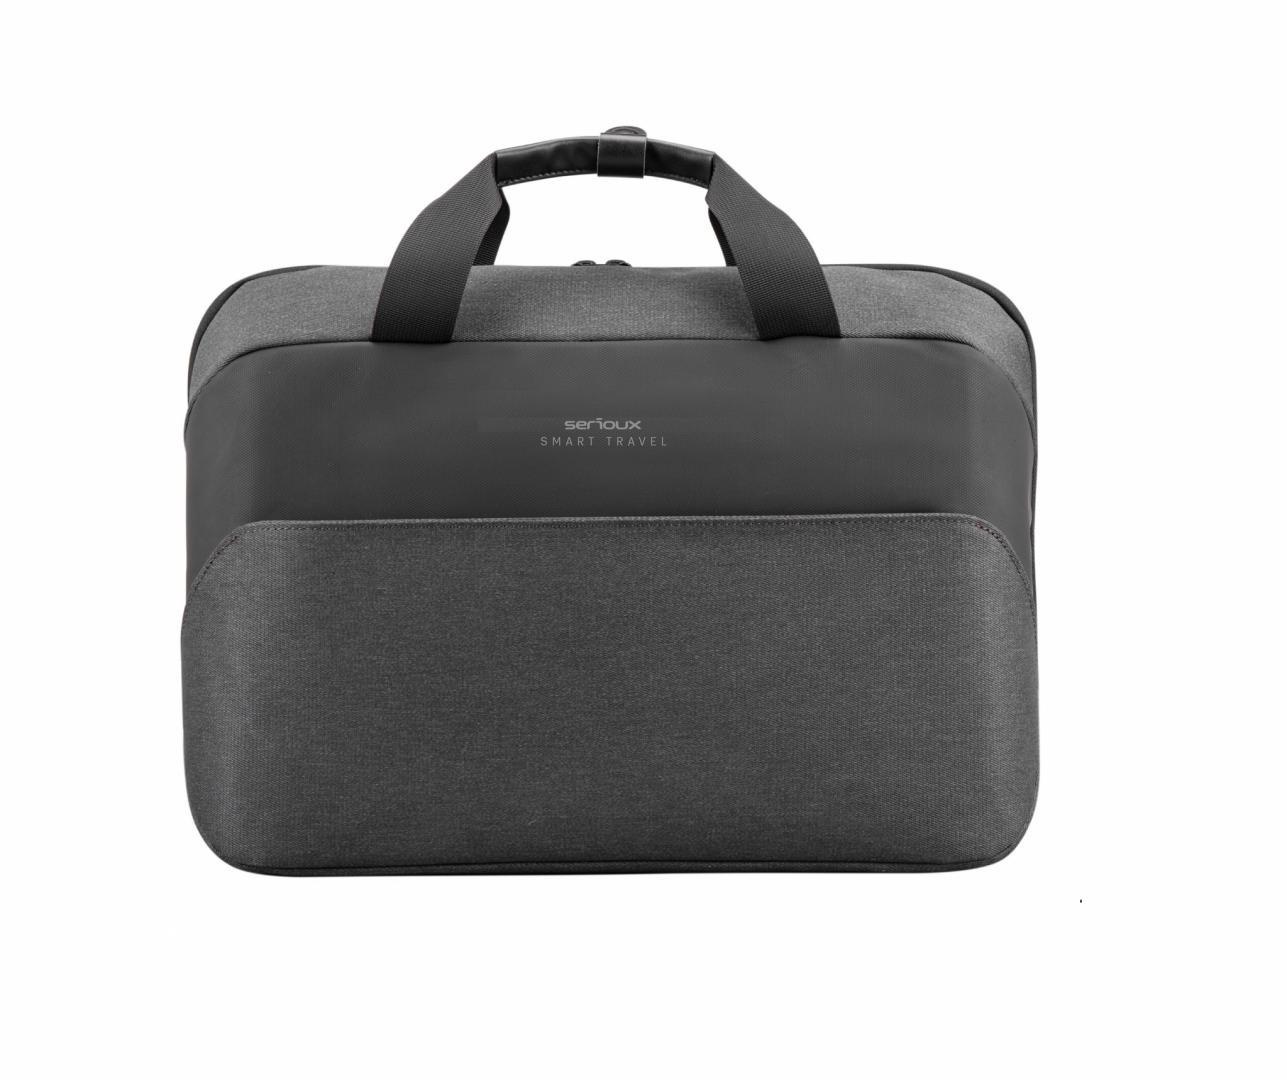 """Geanta notebook Serioux, SMART TRAVEL ST9610, dimensiuni 43 x 11 x 30 cm, rezistent la apa, compartimente multiple, compartimet laptop pana la 15.6"""", bretea spate pentru prindere troller, curea de umar ajustabila, material poliester - imaginea 1"""